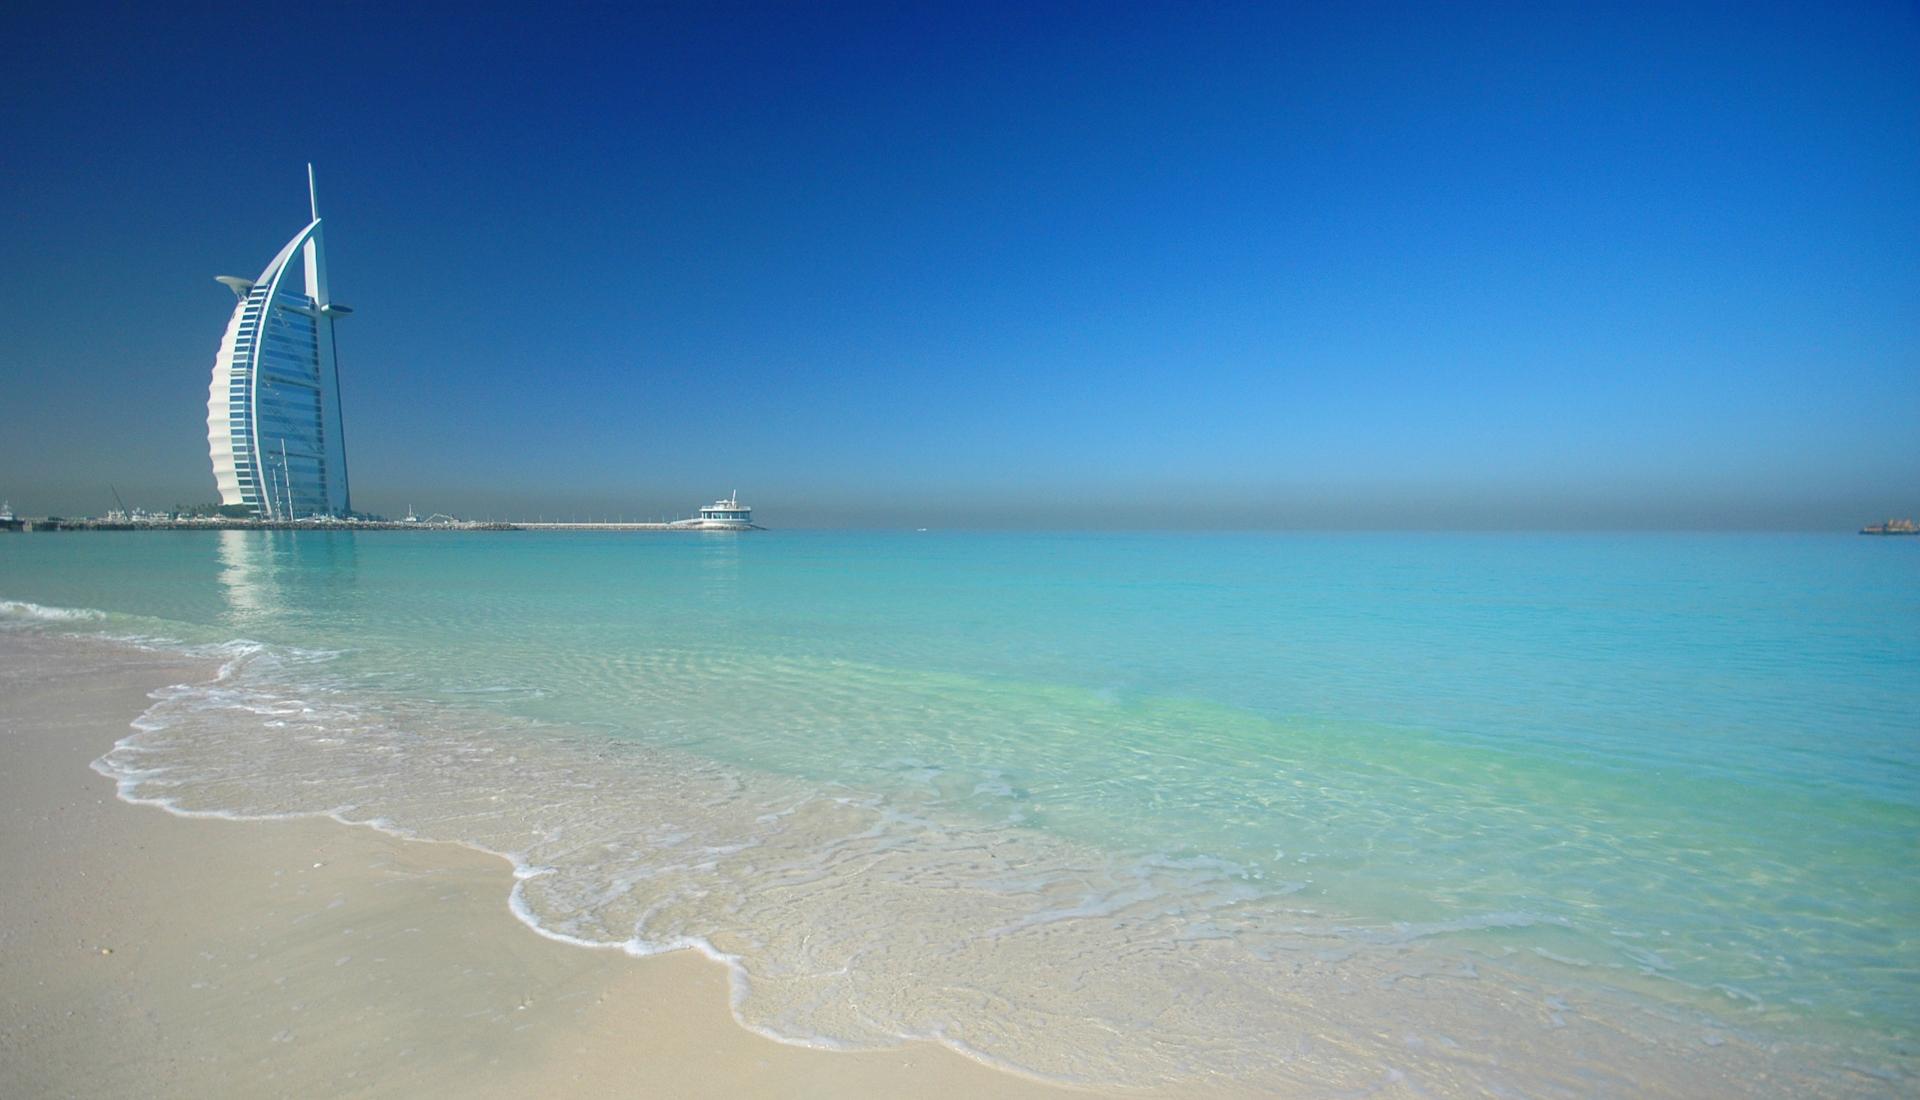 Expo Dubai 2020 - Emirates